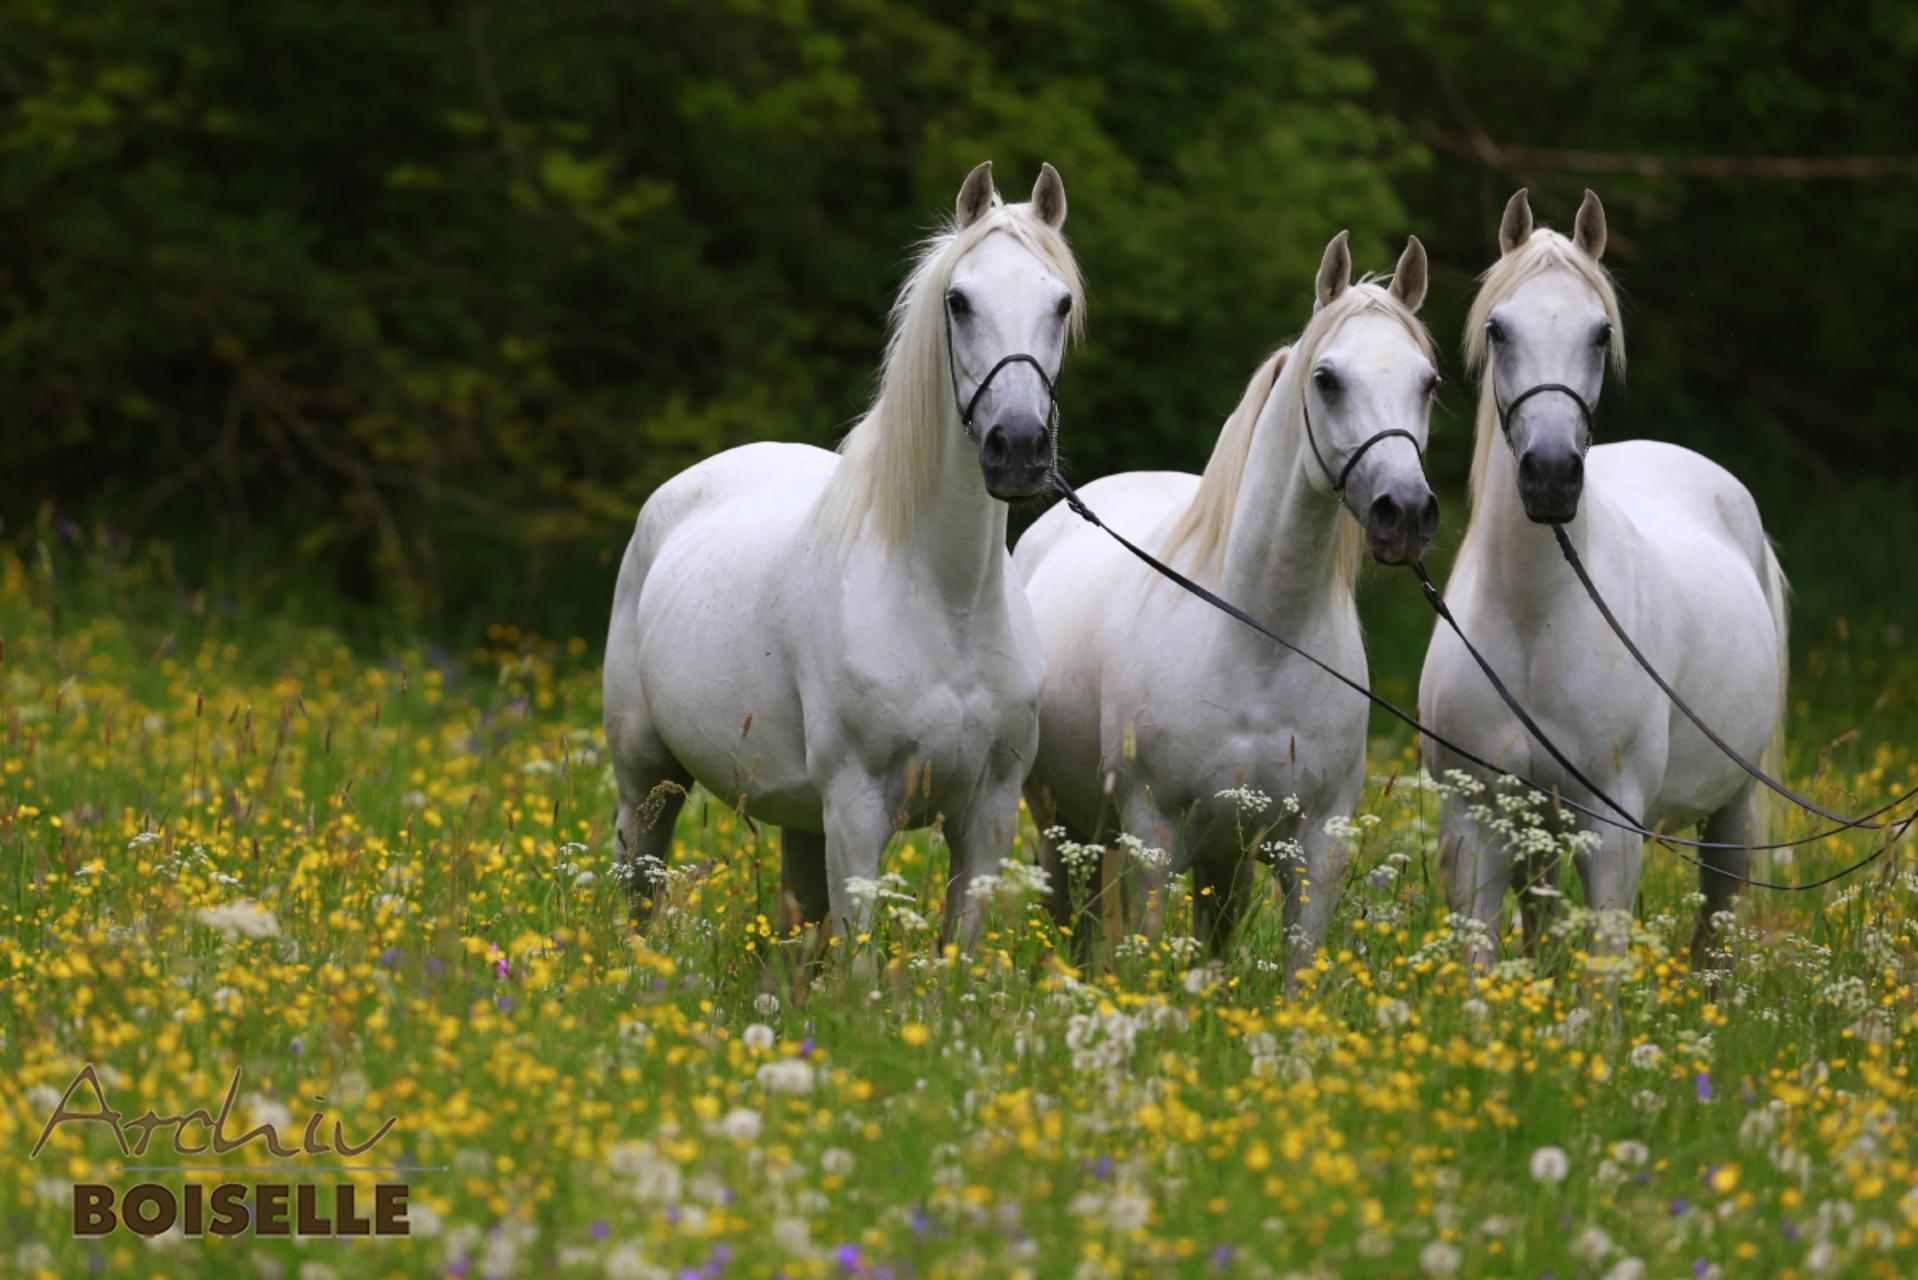 Drei weise Pferde stehen in einer hohen Blumenwiese und blicken in die Kamera. Sie tragen ein schwarzes Halfter mit einem ledernen Strick.